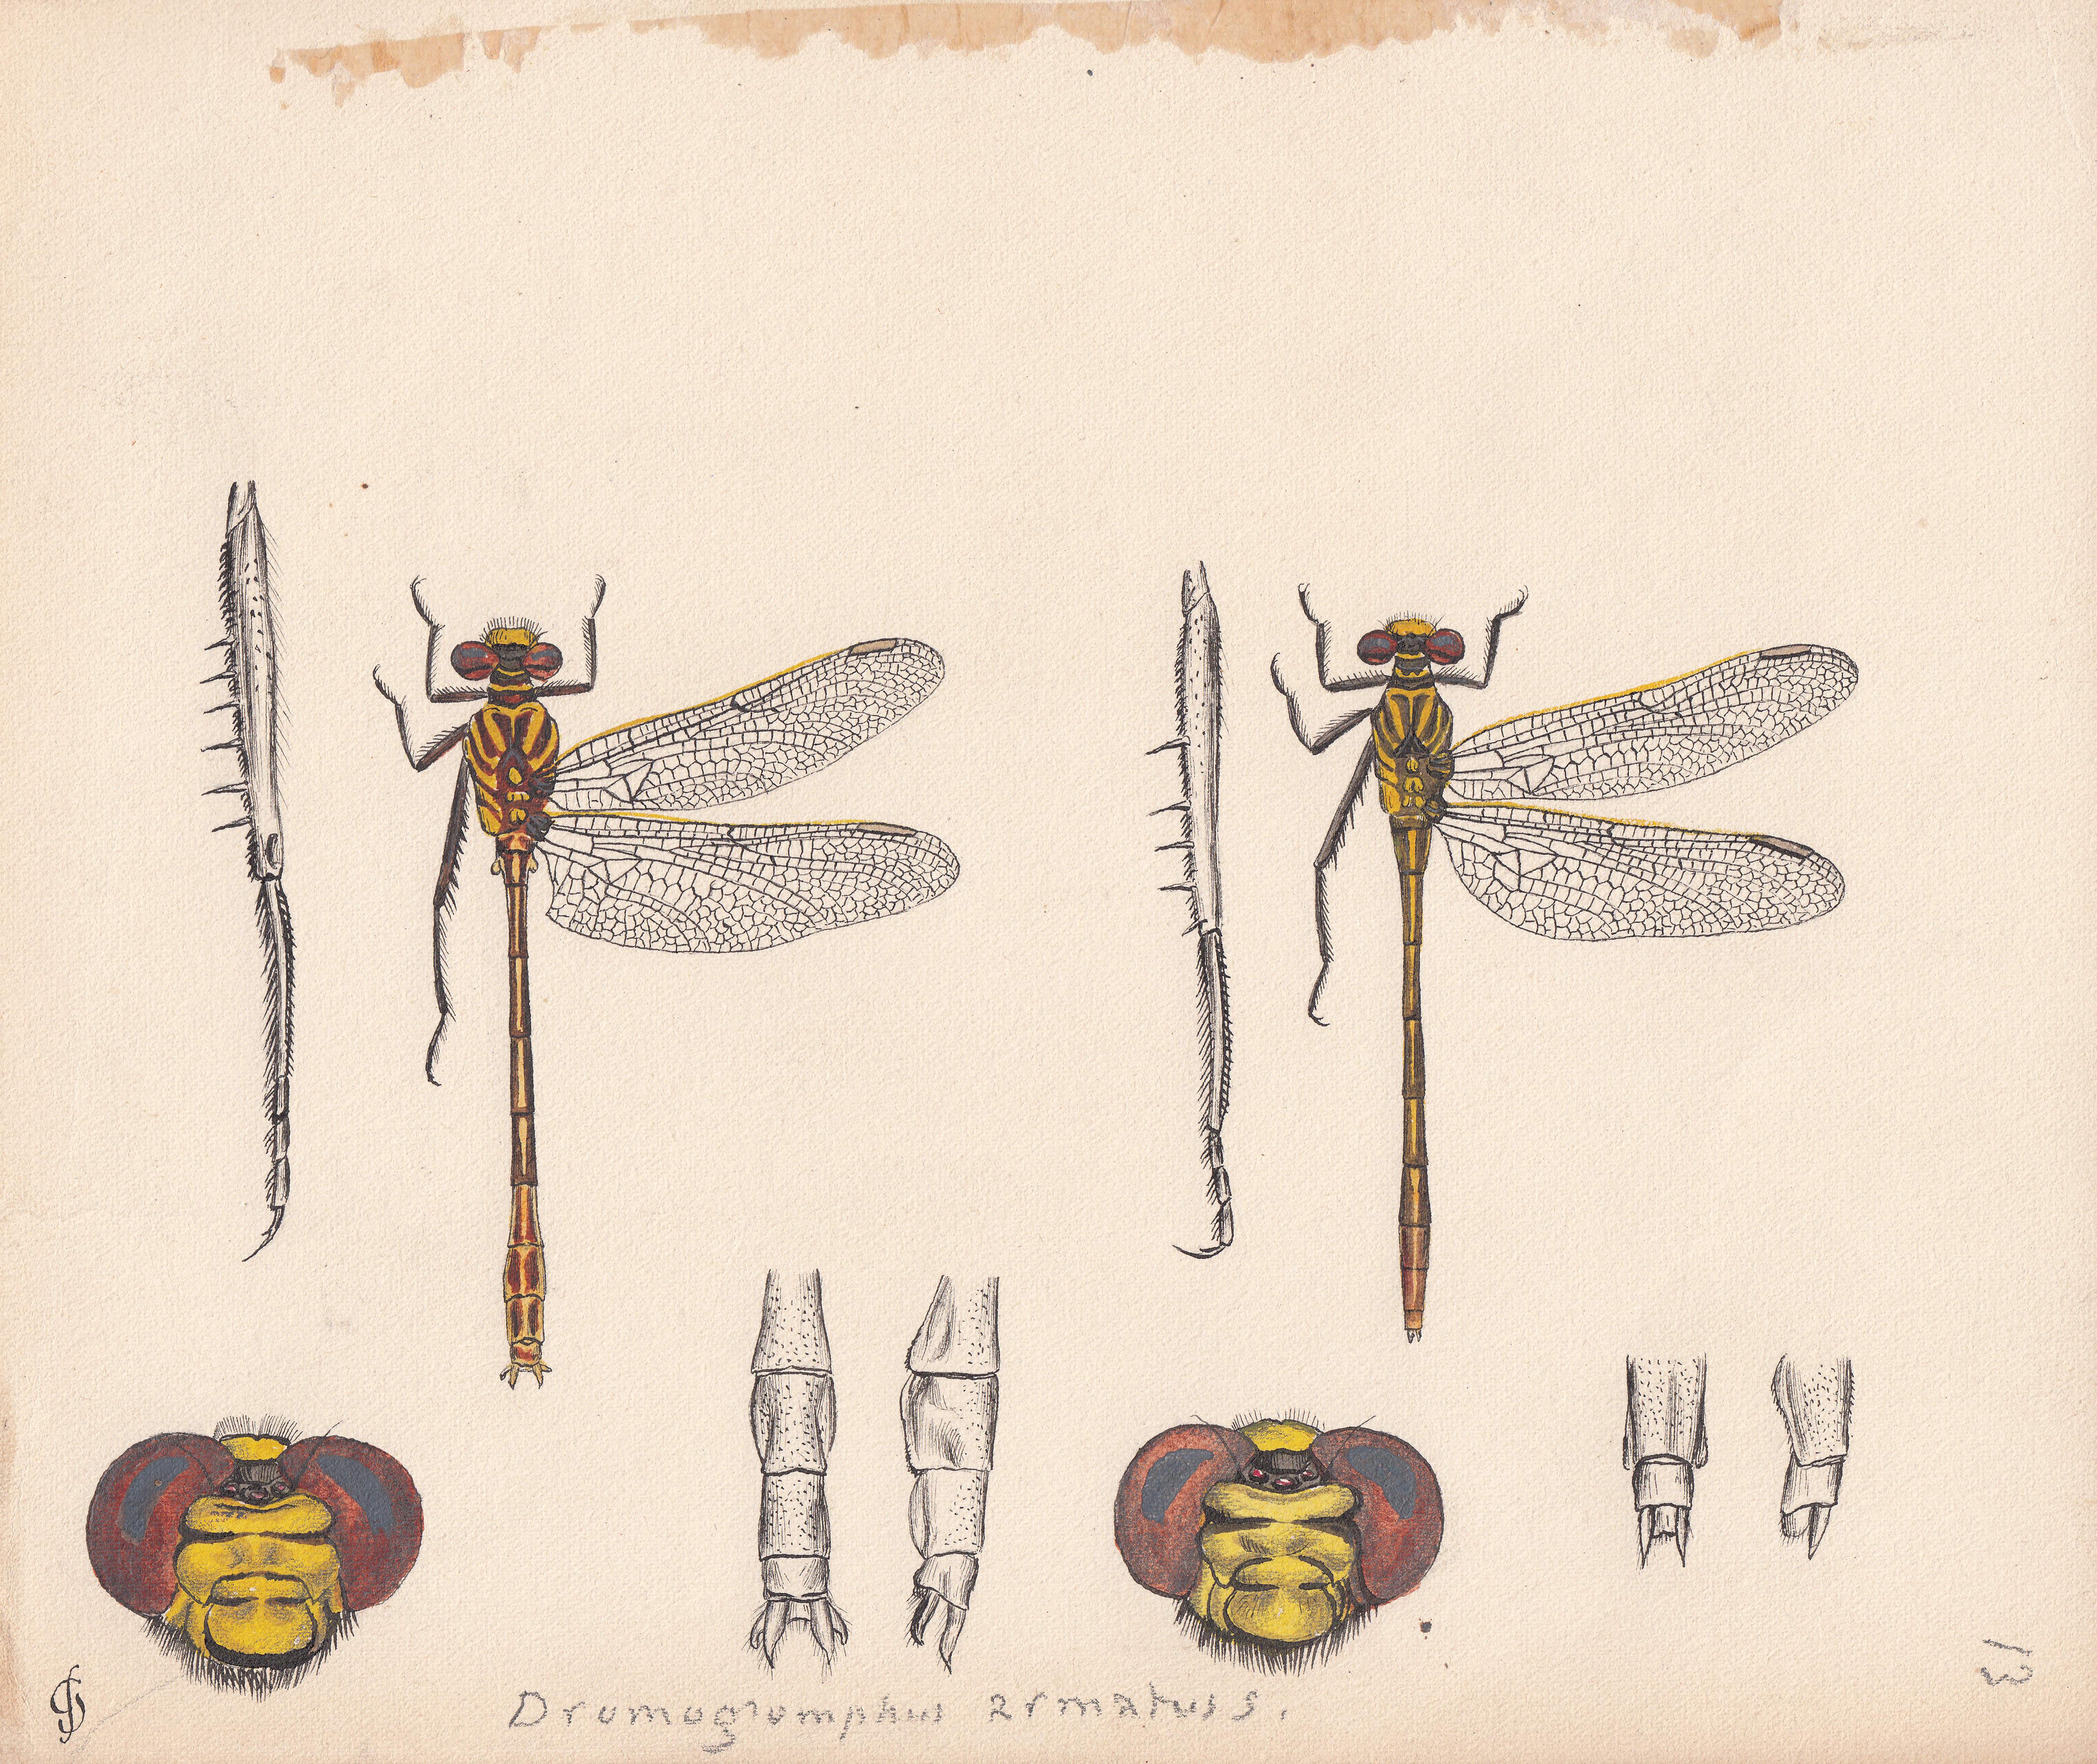 Dromogomphus armatus.jpg